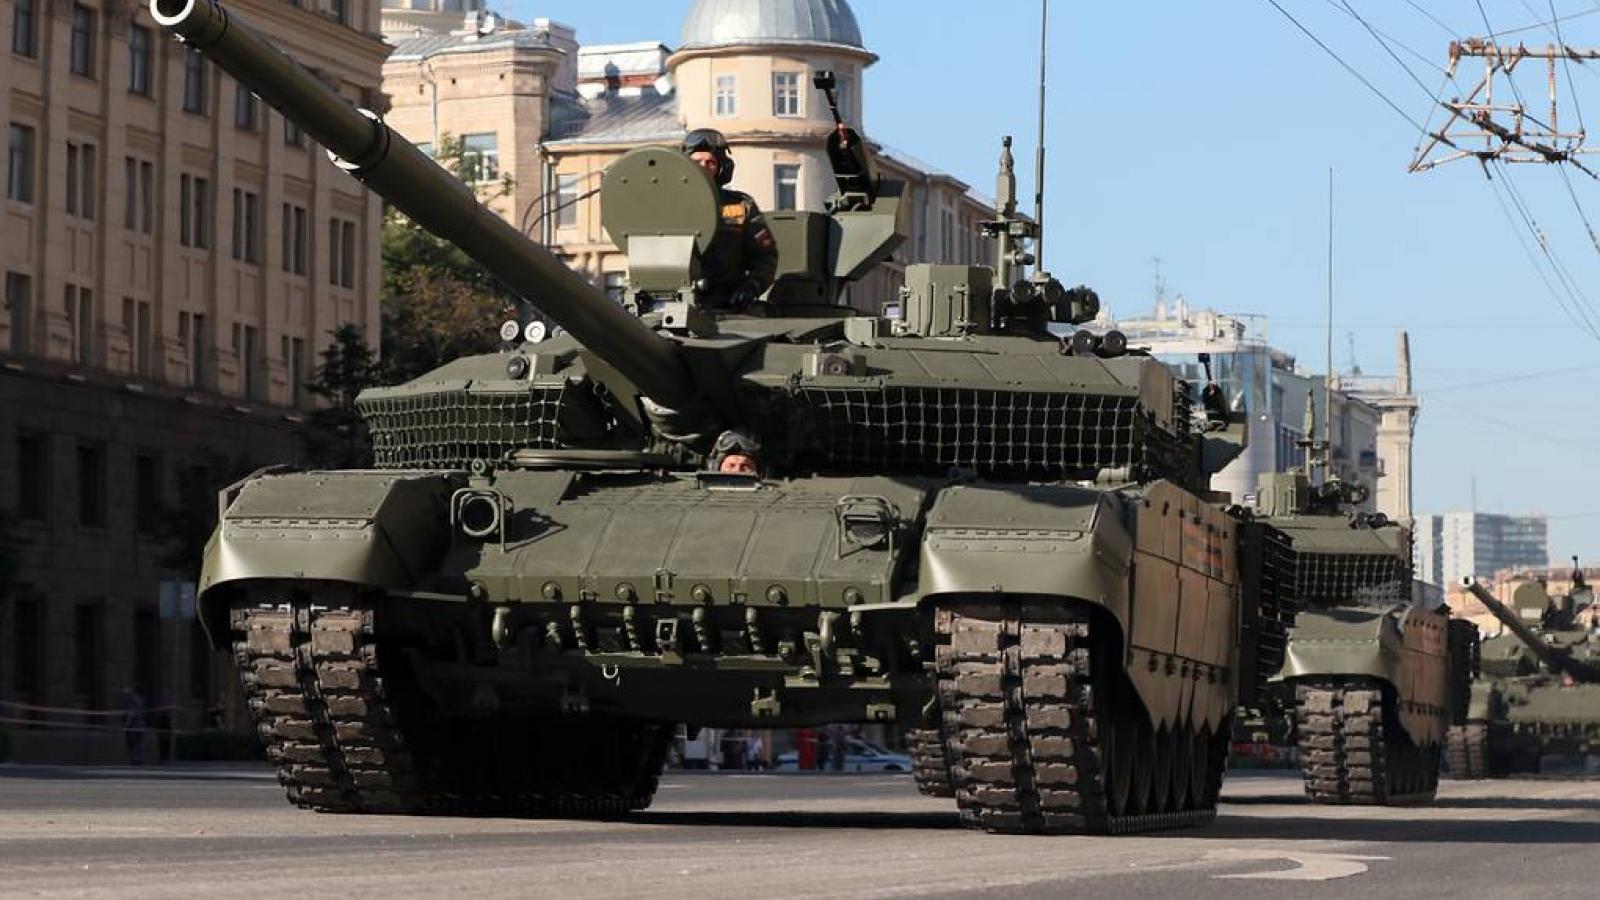 Quân đội Nga nhận xe tăng chiến đấu chủ lực T-90 phiên bản năng cấp